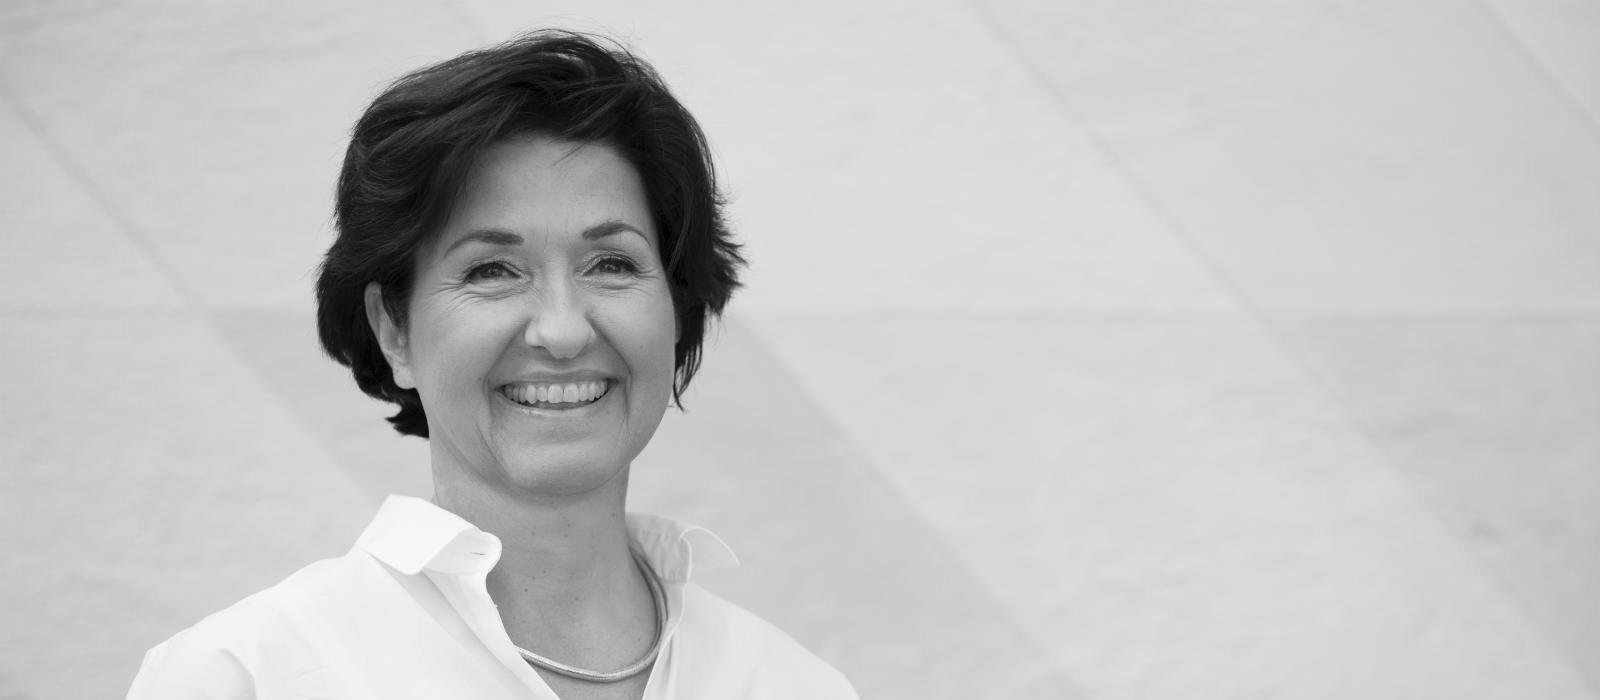 Margit Ertlmaier